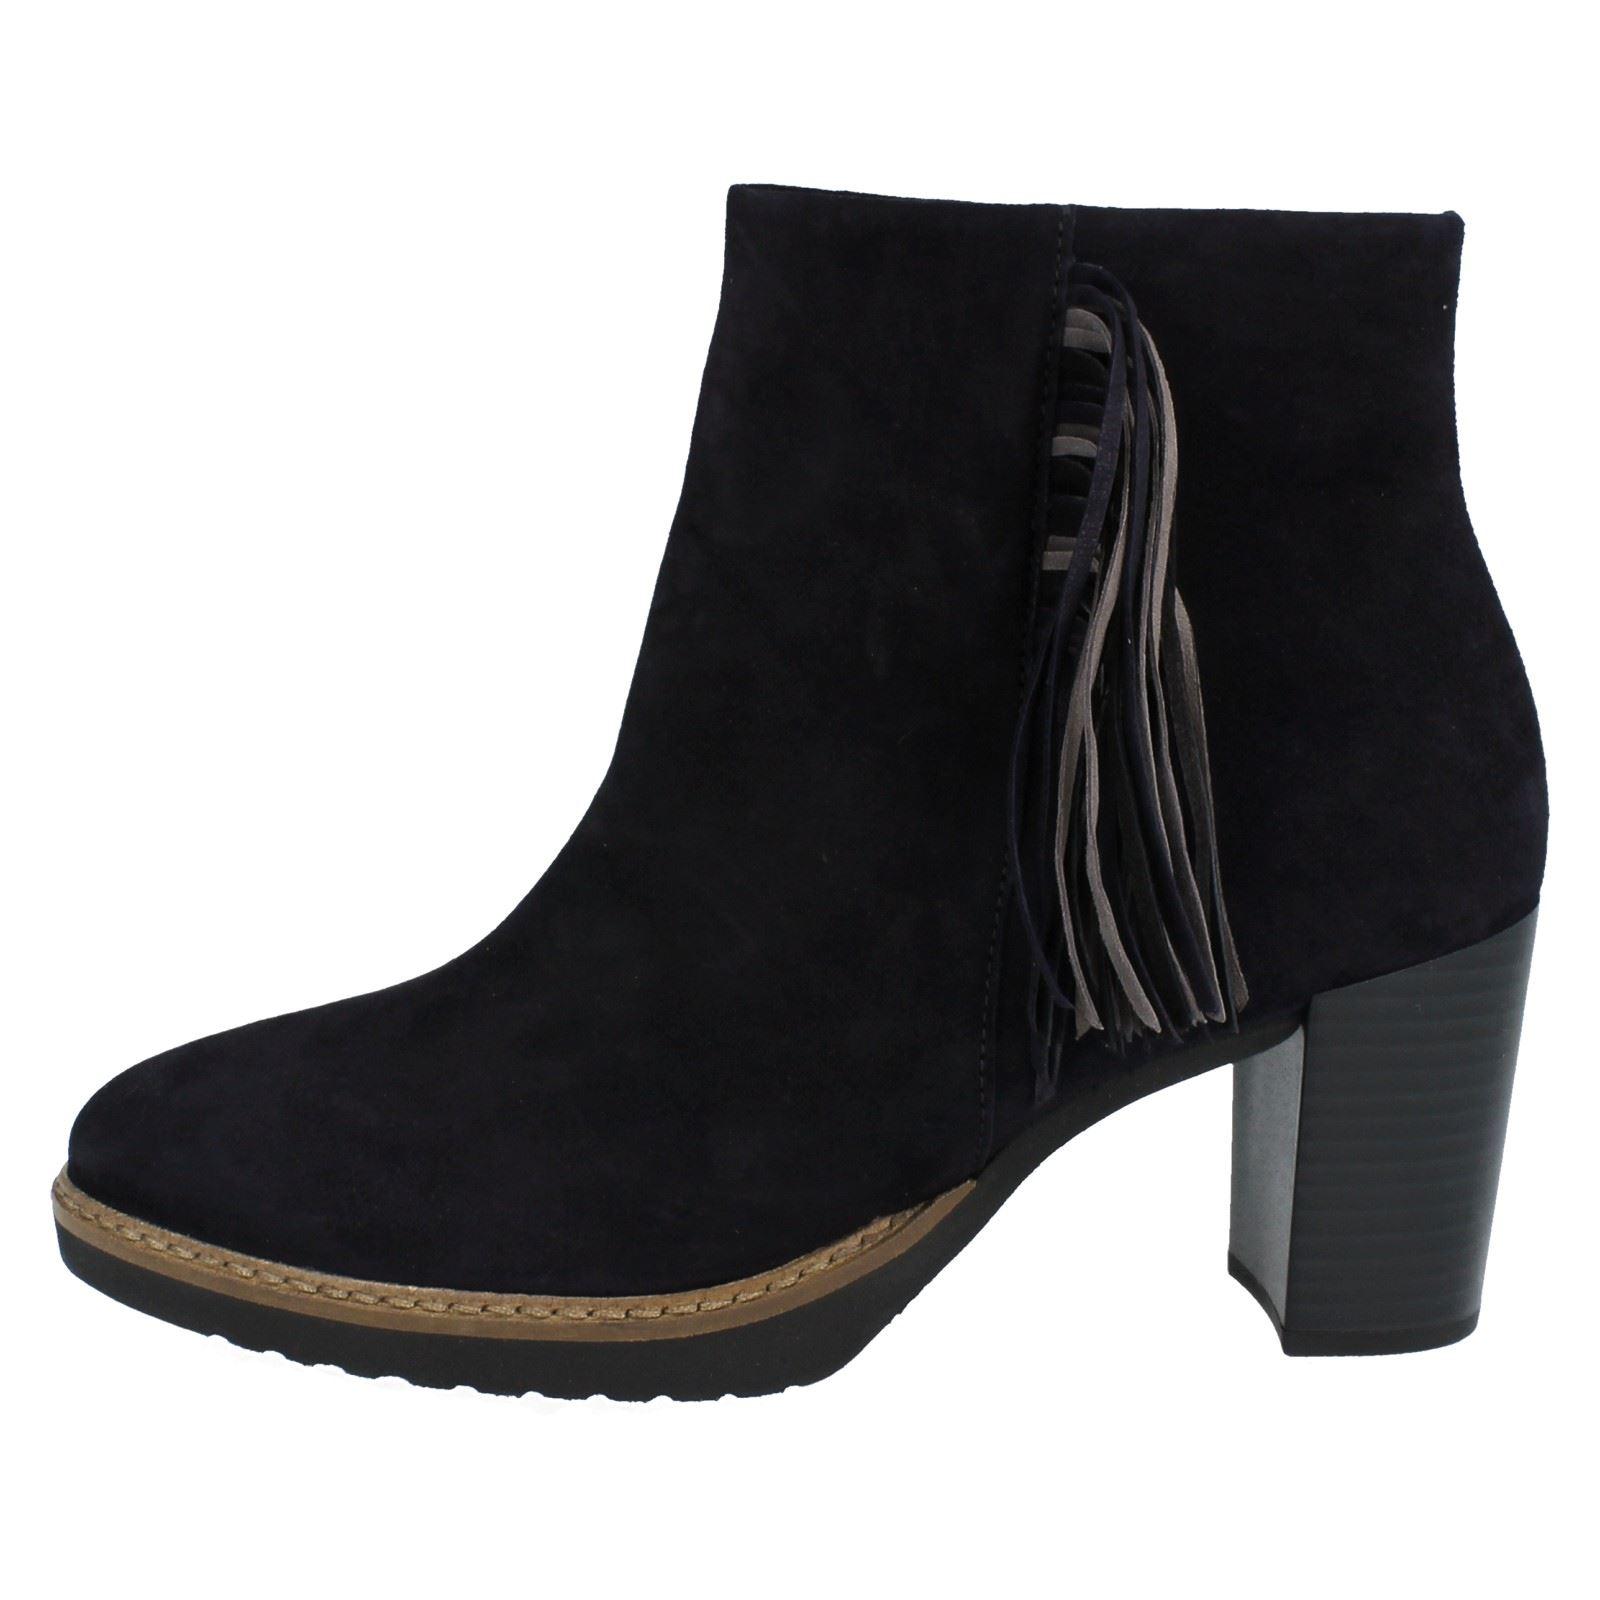 5baedec3748341 Ladies-Gabor-Ankle-Boots-039-51722-039 thumbnail 7